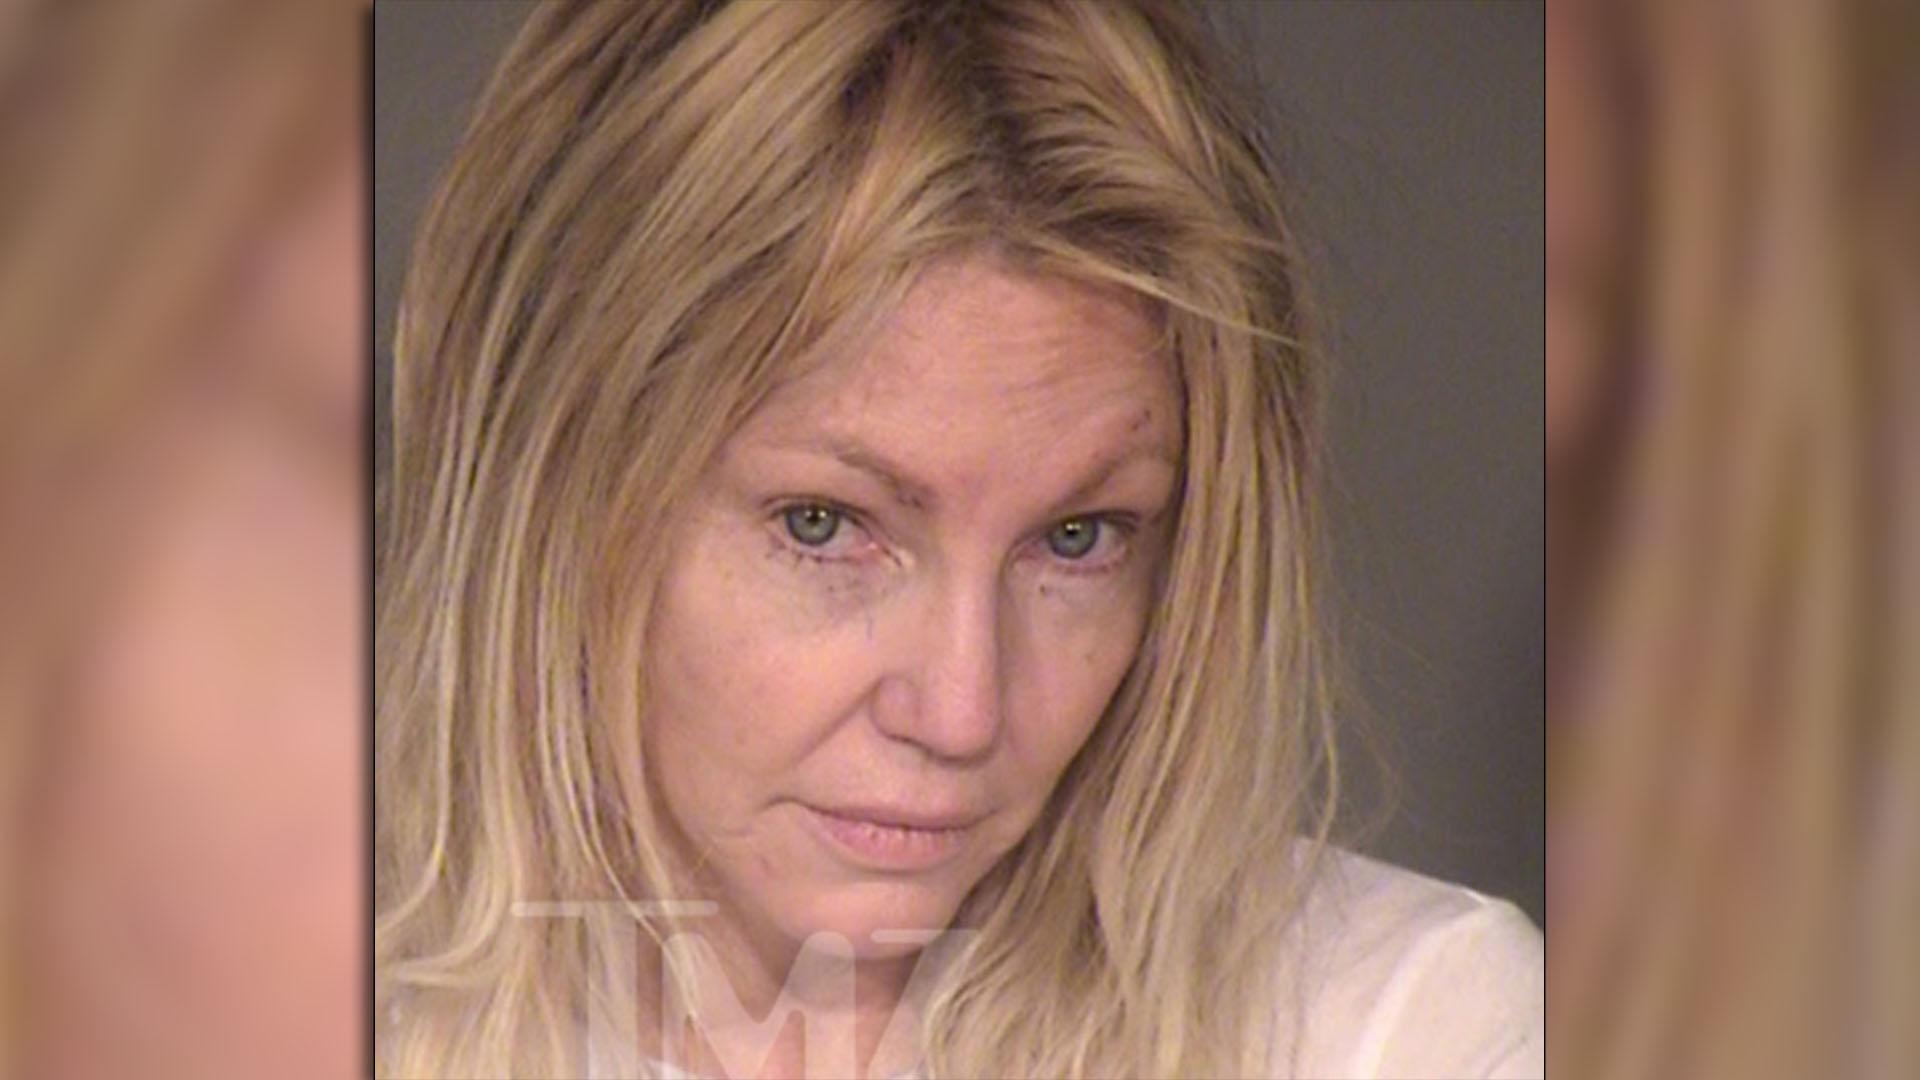 Actriz Porno Melrouse Place la célebre actriz que terminó en un centro psiquiátrico: la